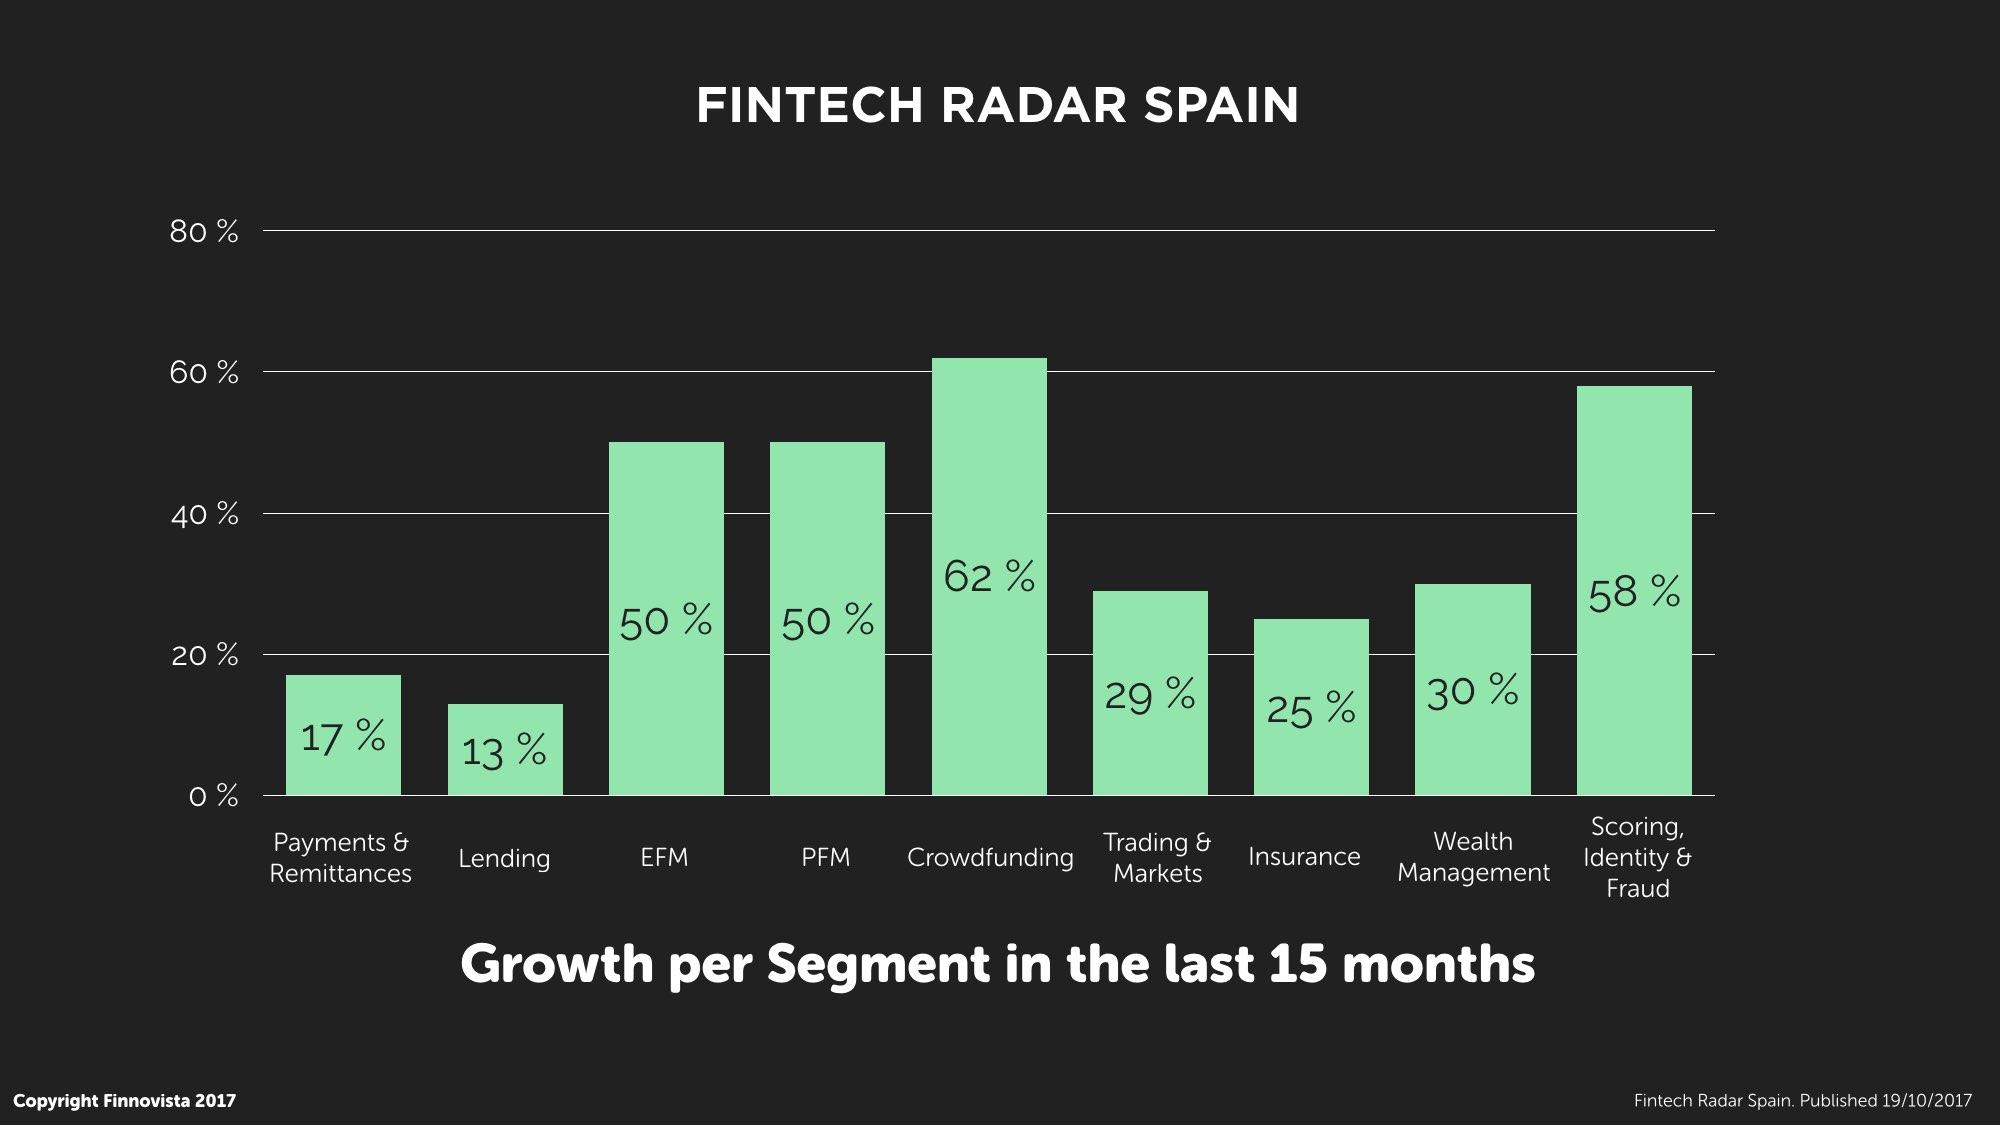 2-Fintech-Radar-Spain.003